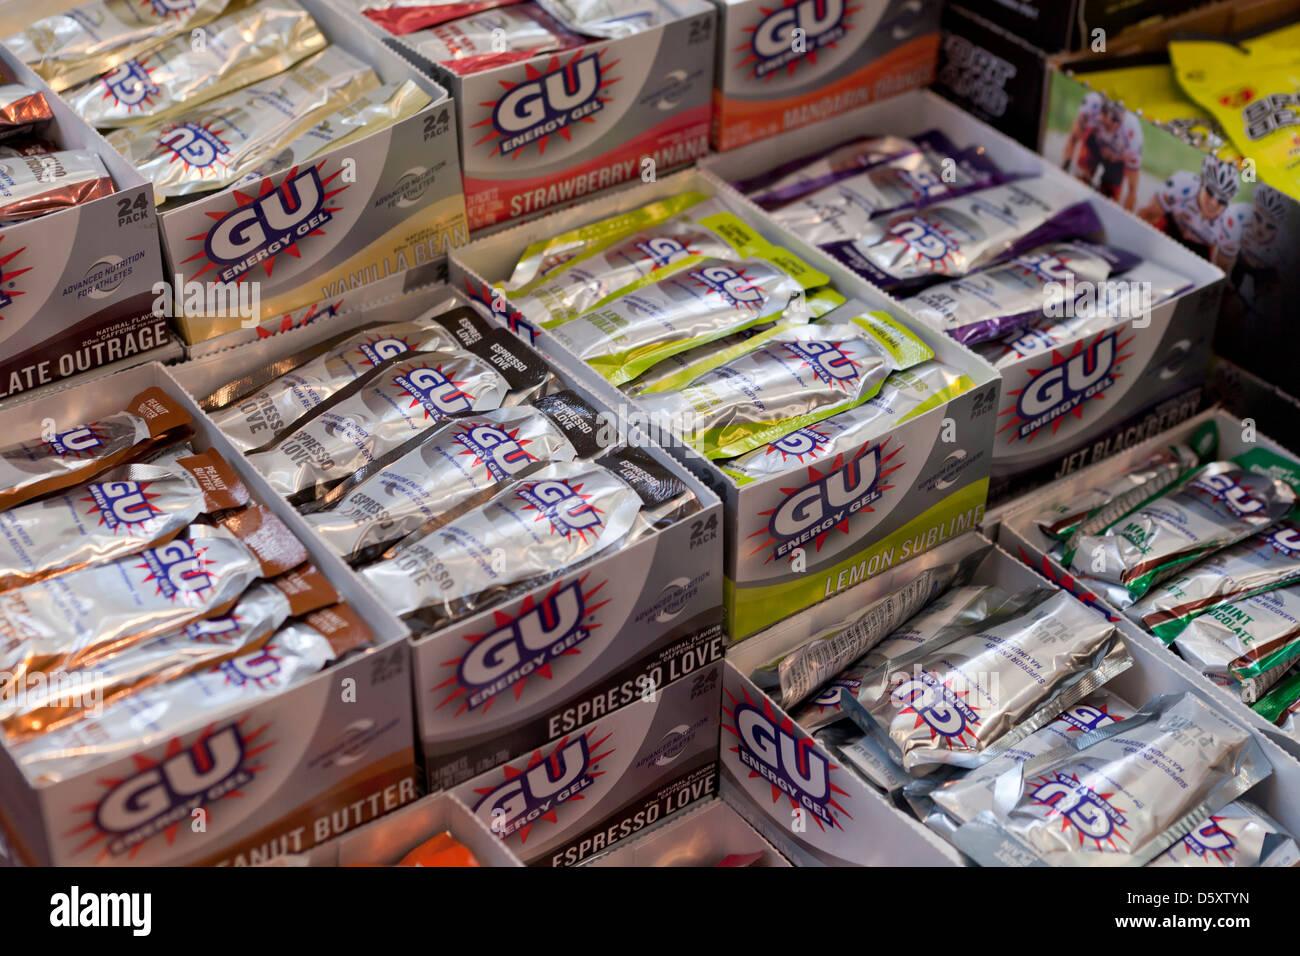 Supplementi nutrizionali sul display Immagini Stock